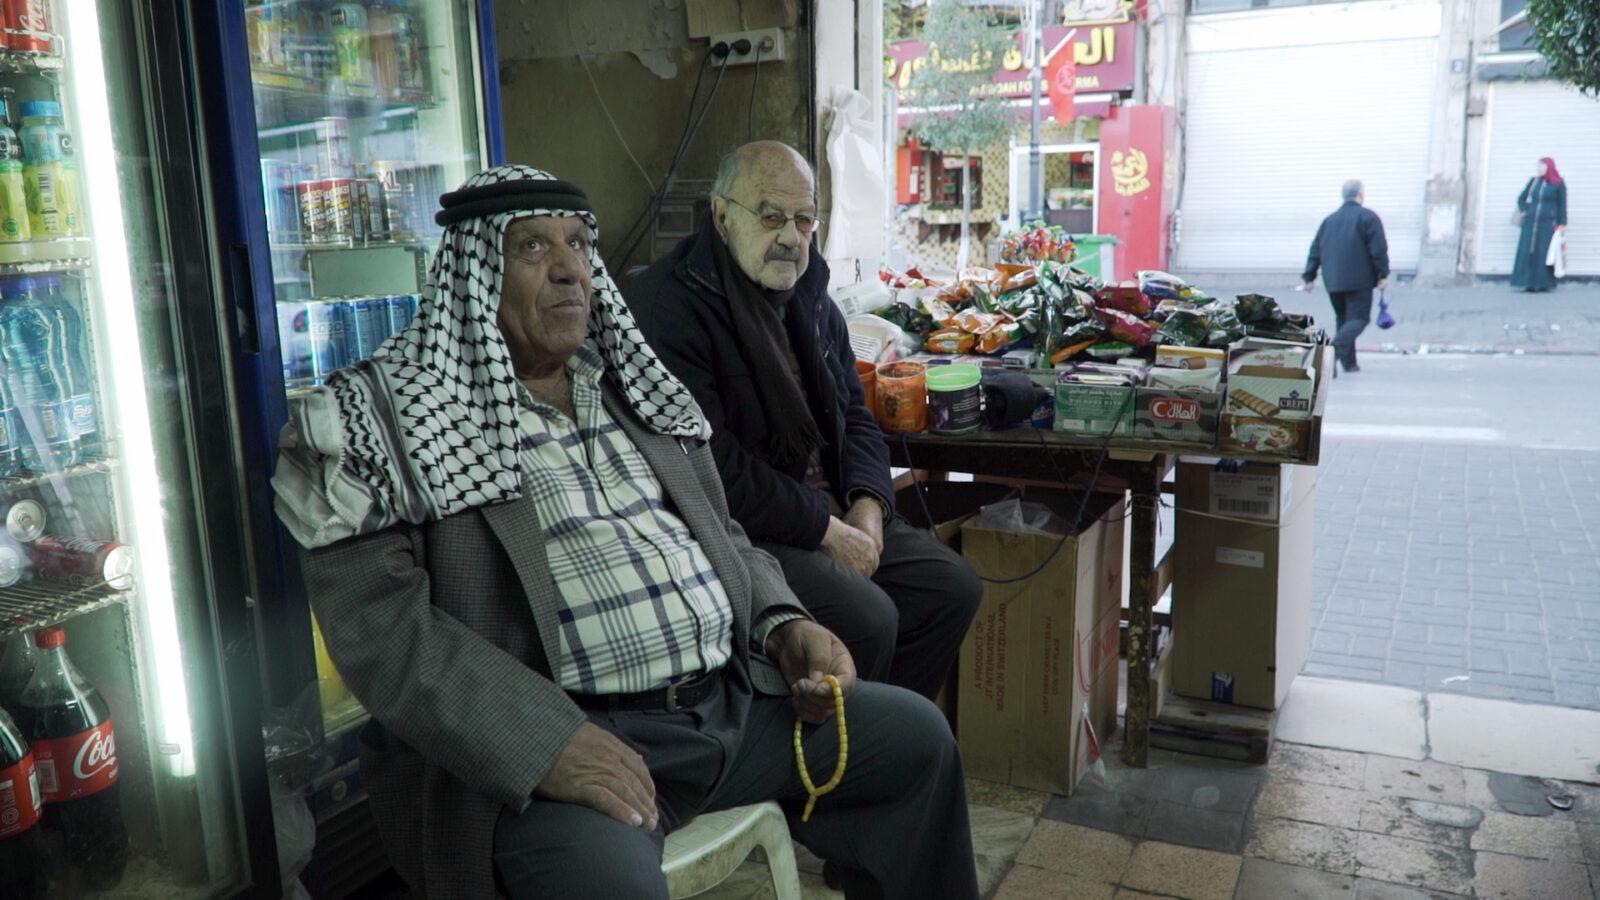 With Abu Jamal